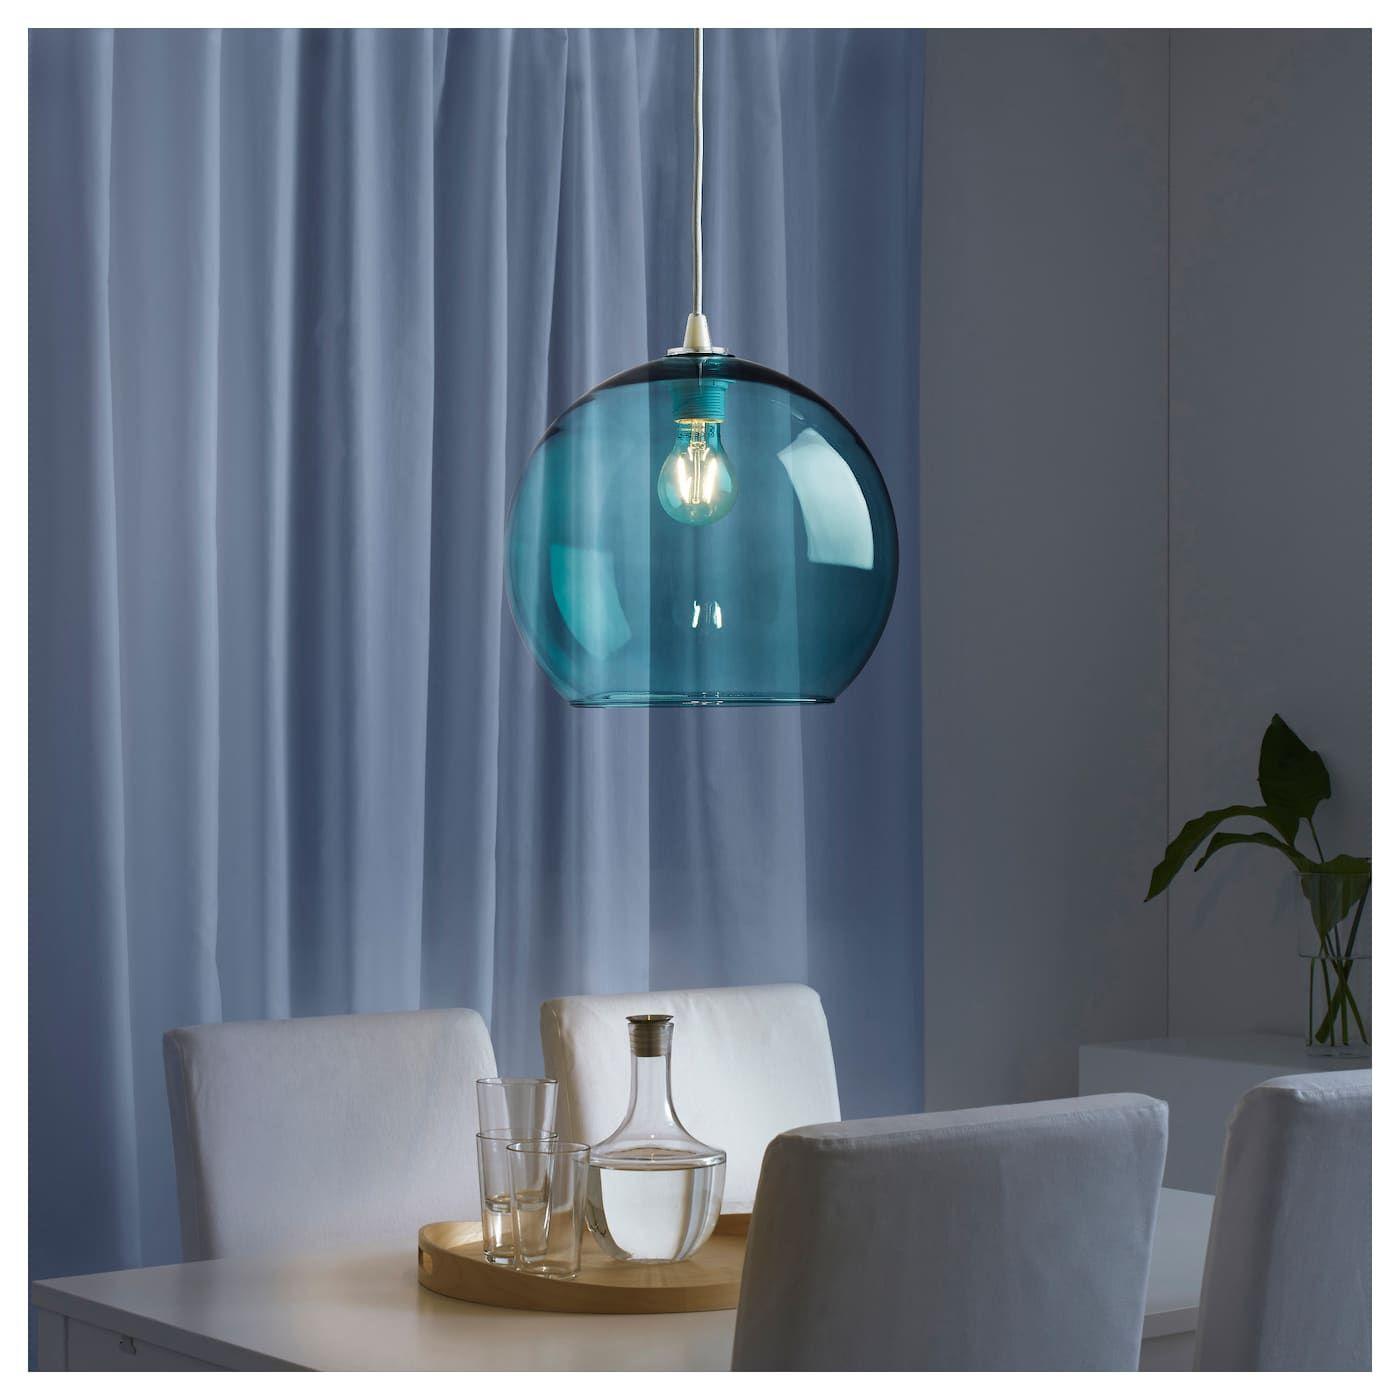 Mobel Einrichtungsideen Fur Dein Zuhause Lampen Wohnzimmer